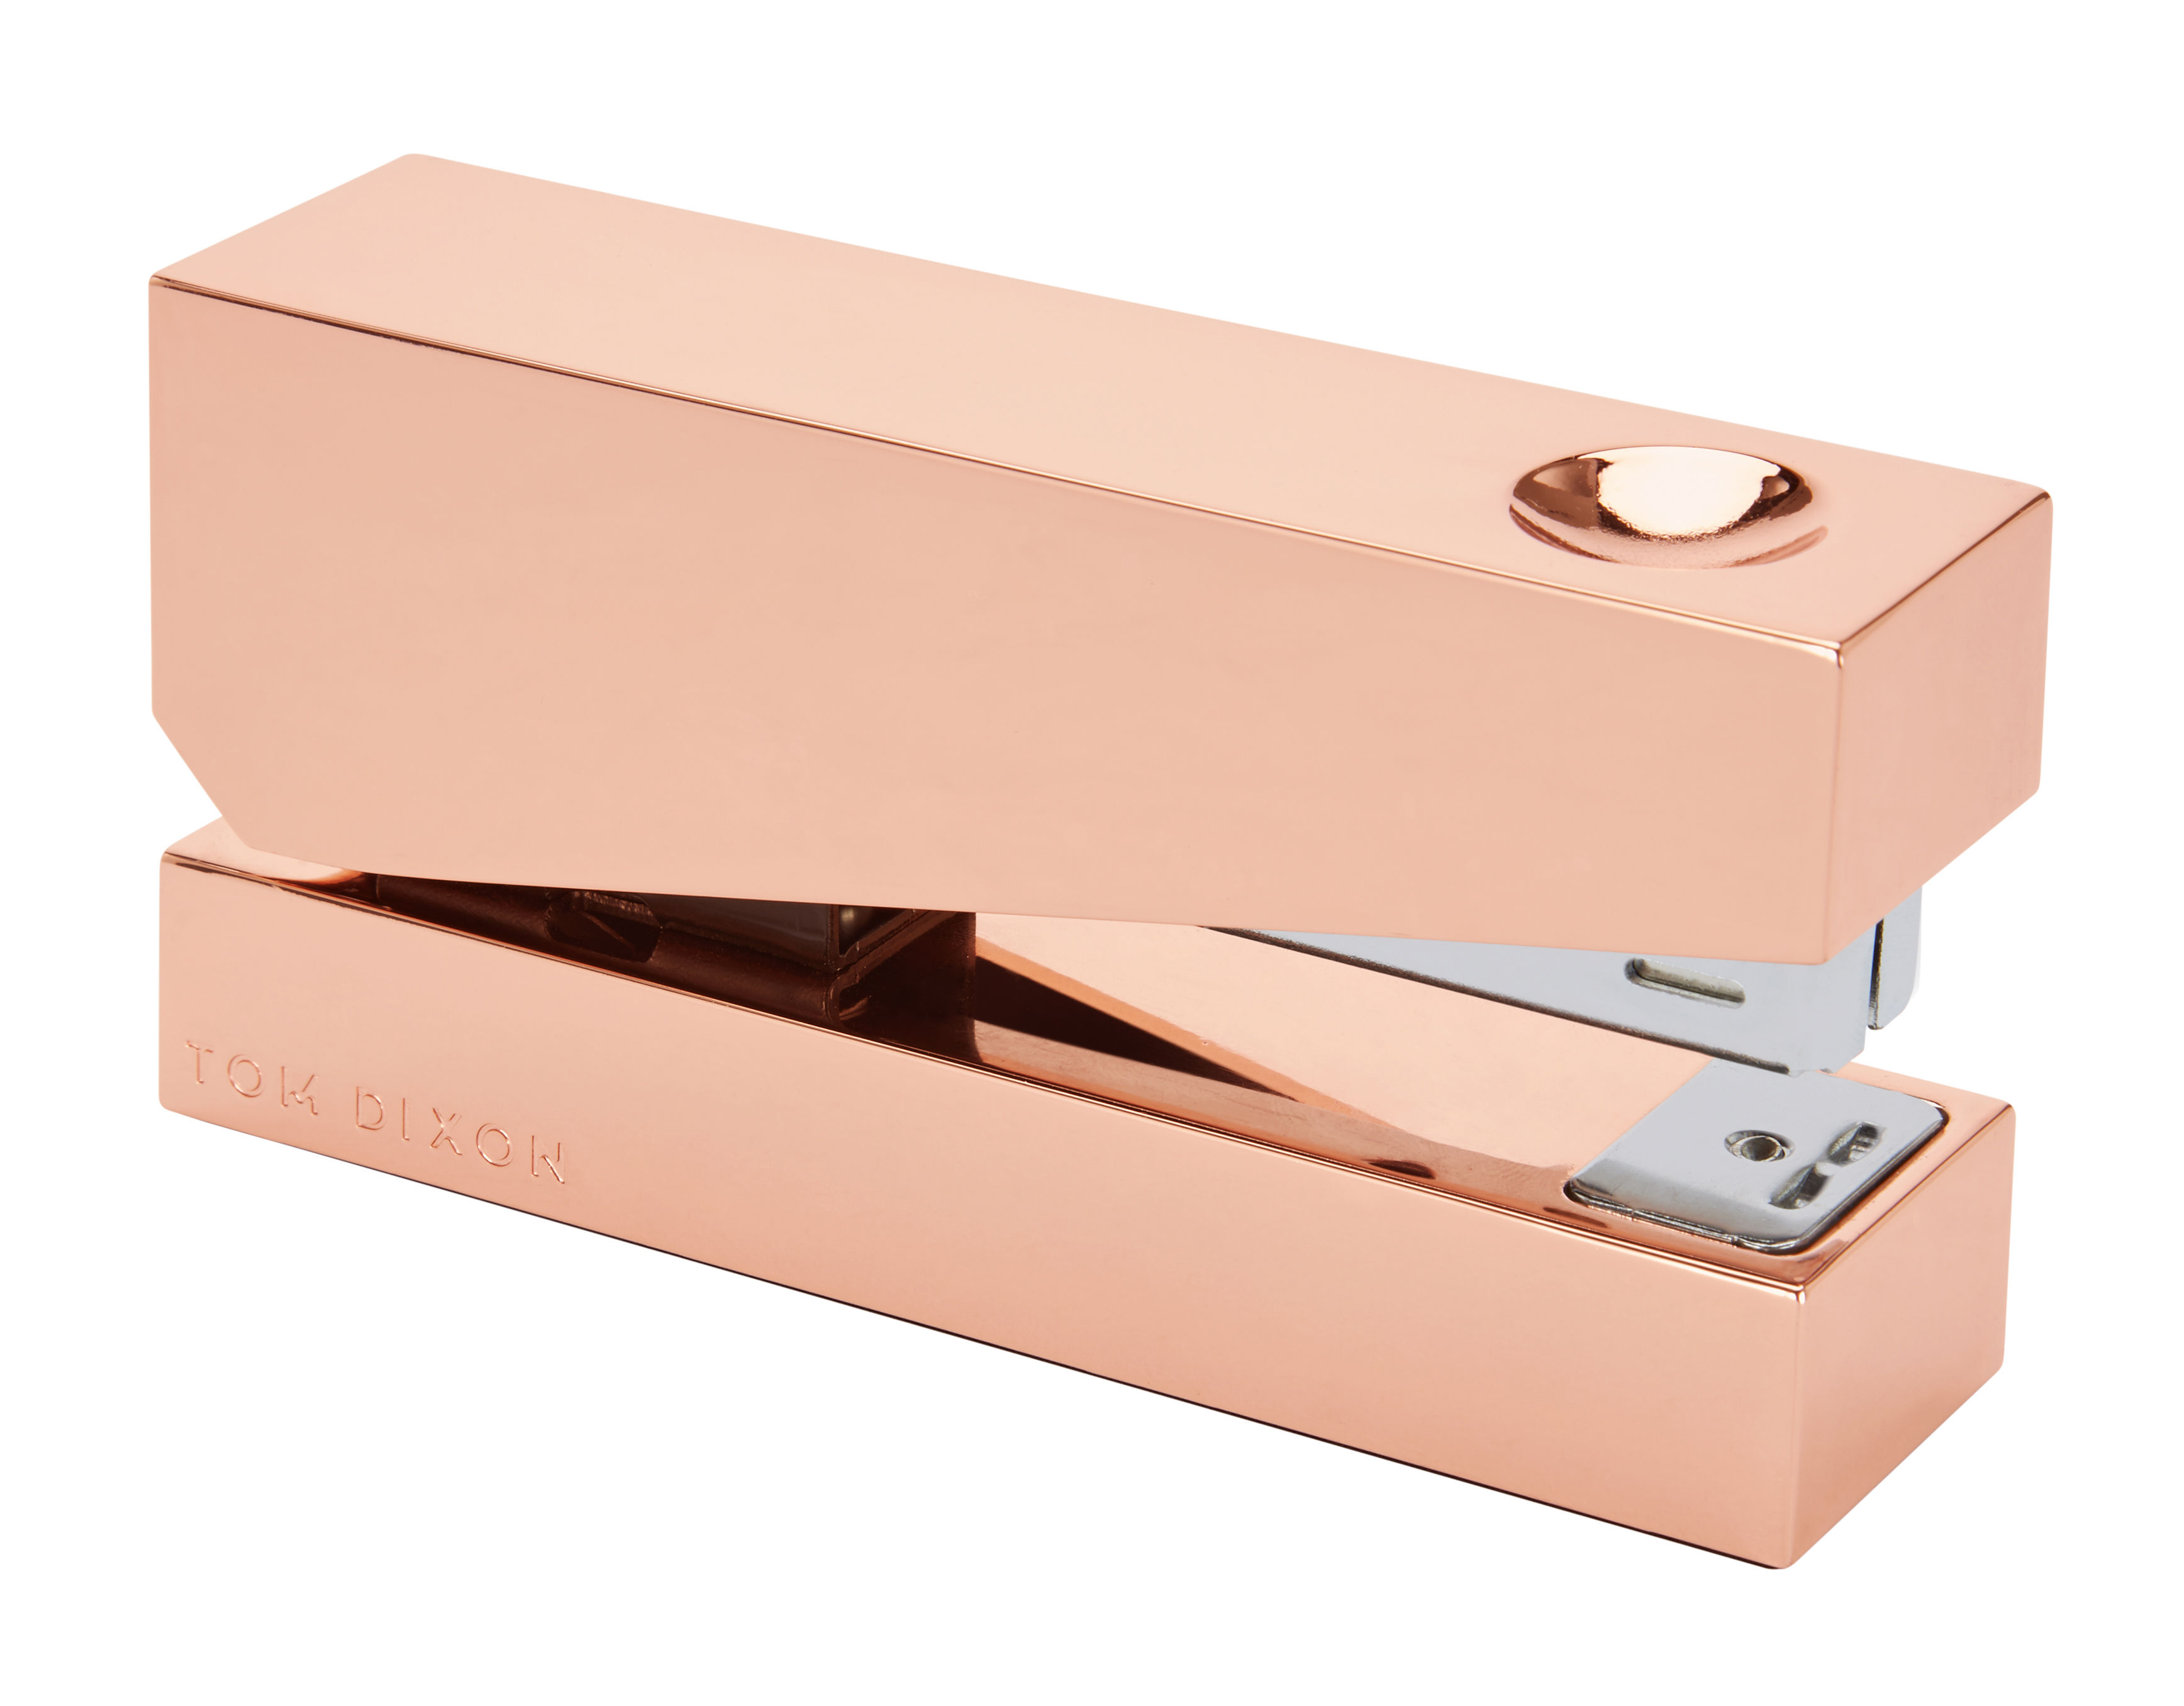 Accessori moda - Accessori ufficio - Cucitrice Cube di Tom Dixon - Rame - Alliage de zinc plaqué cuivre